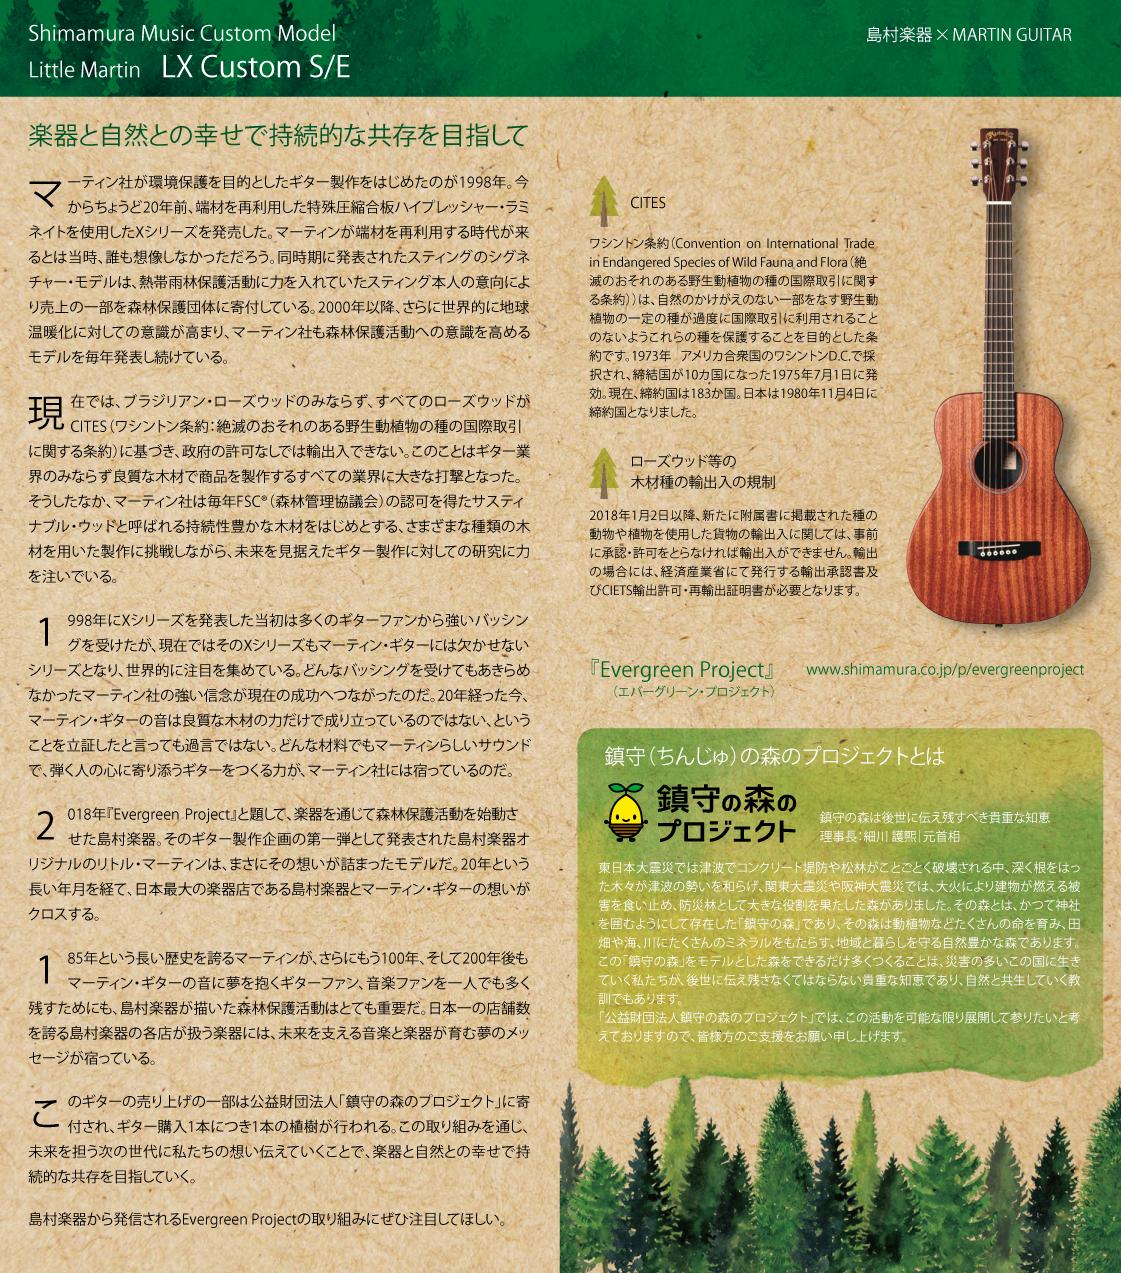 楽器と自然との共存 Shimamura M...